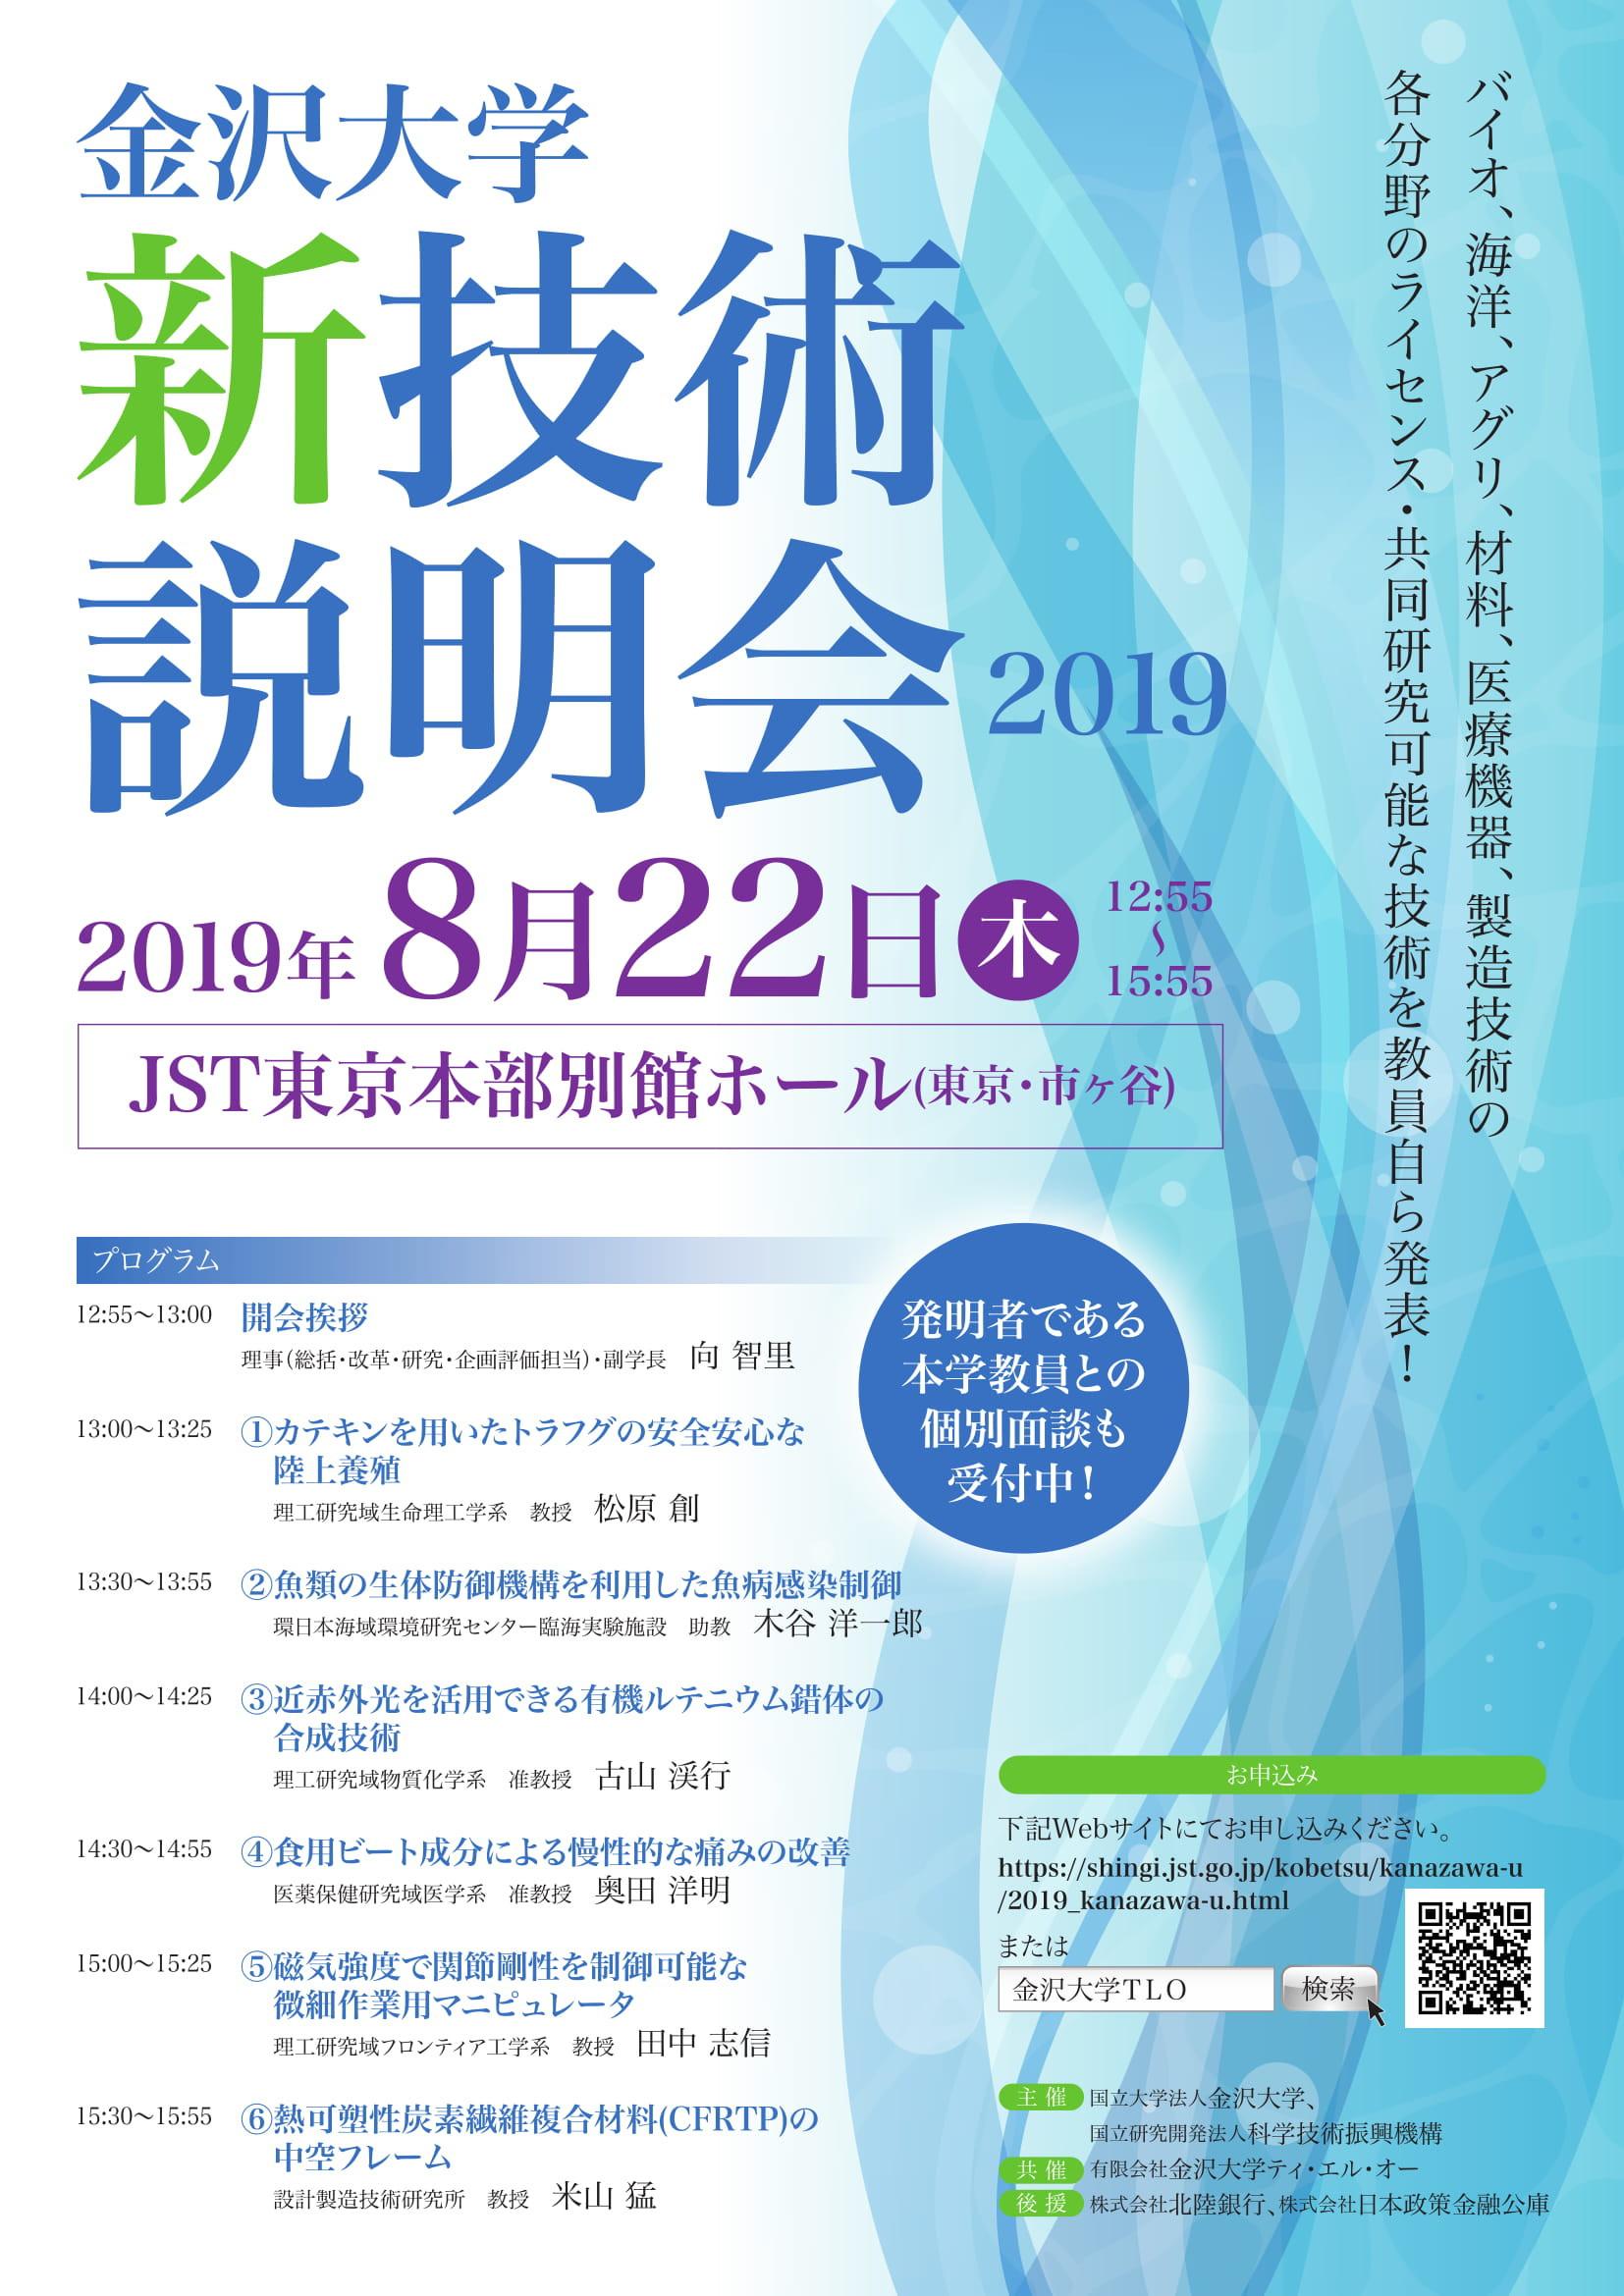 金沢大学新技術説明会2019_リーフレット-1.jpg